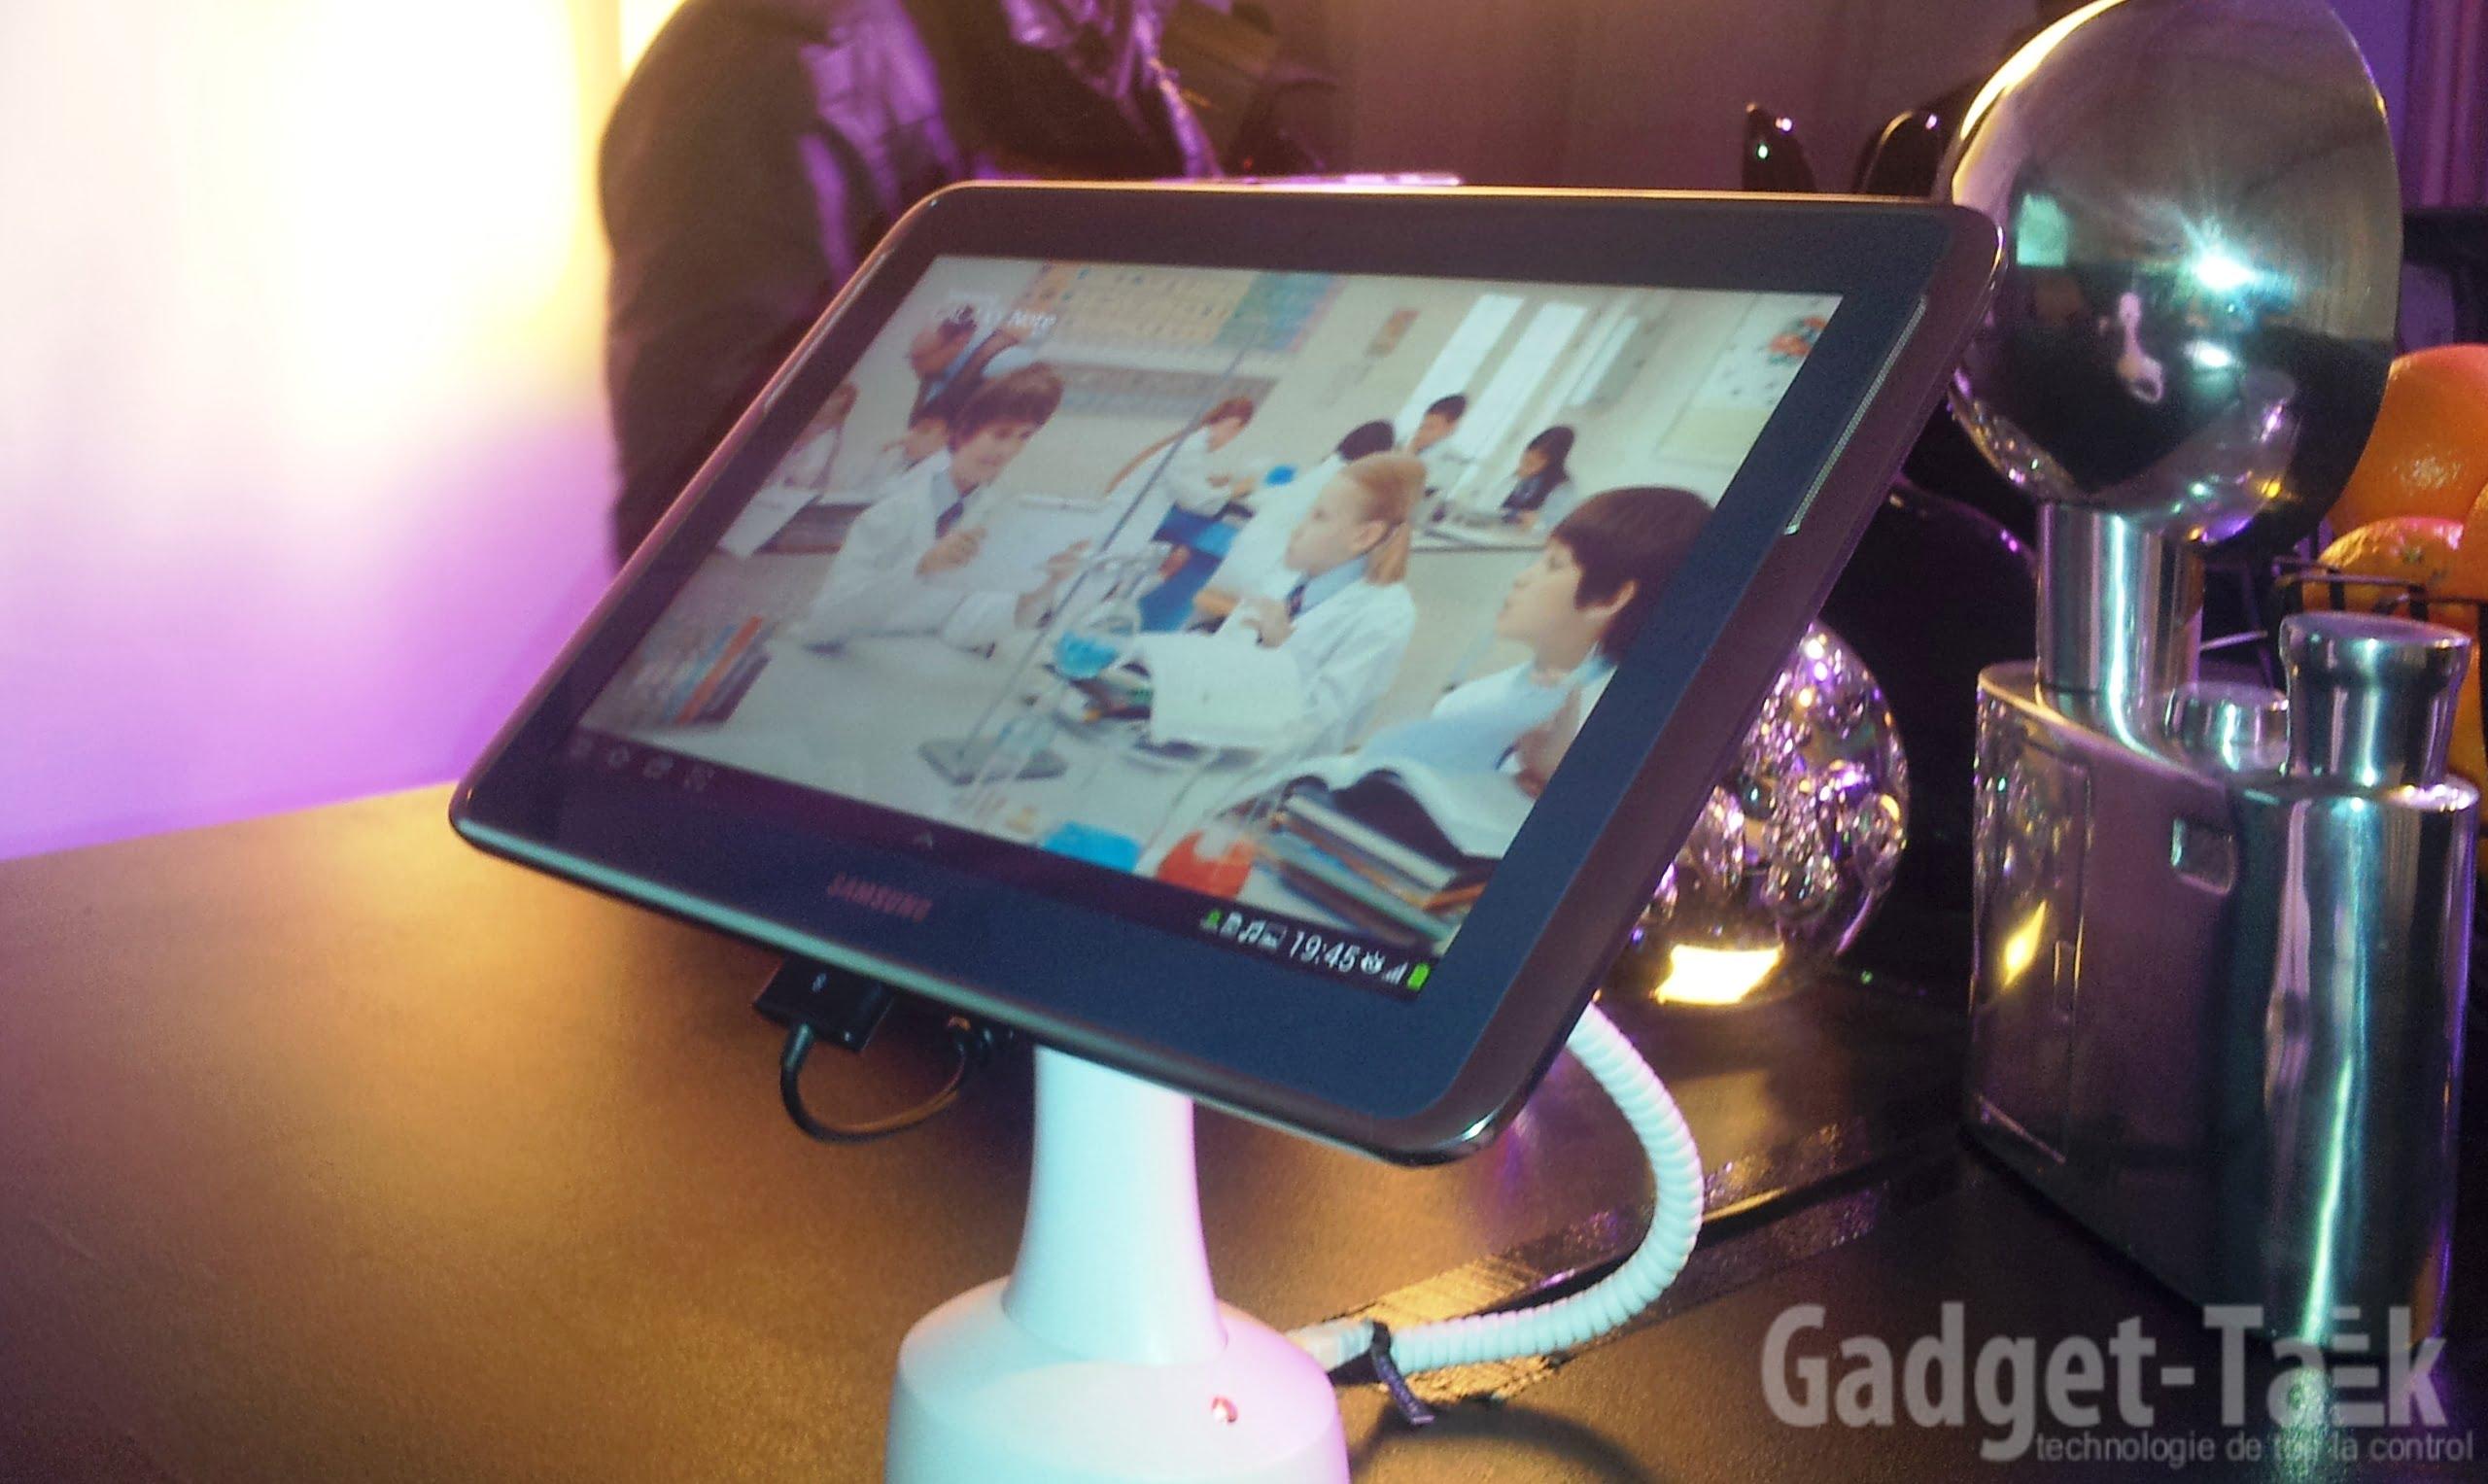 Samsung GALAXY NOte 10.1 GT-N8000